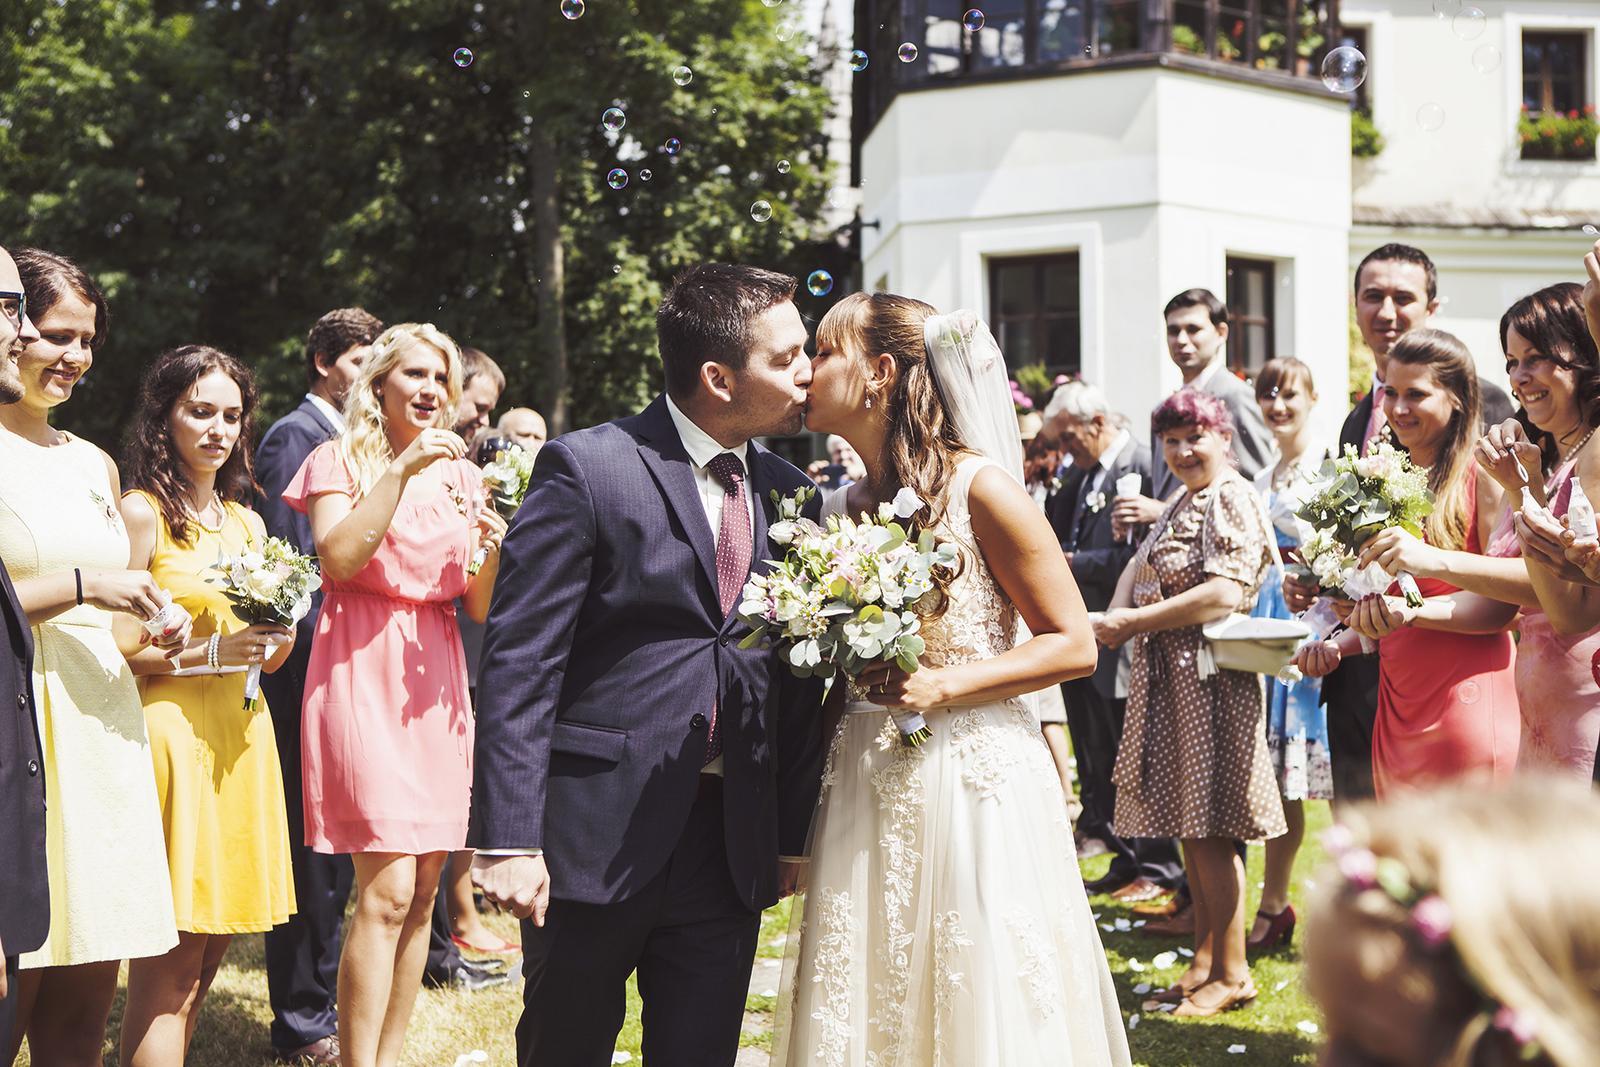 Svatba Krkonose - Obrázek č. 42